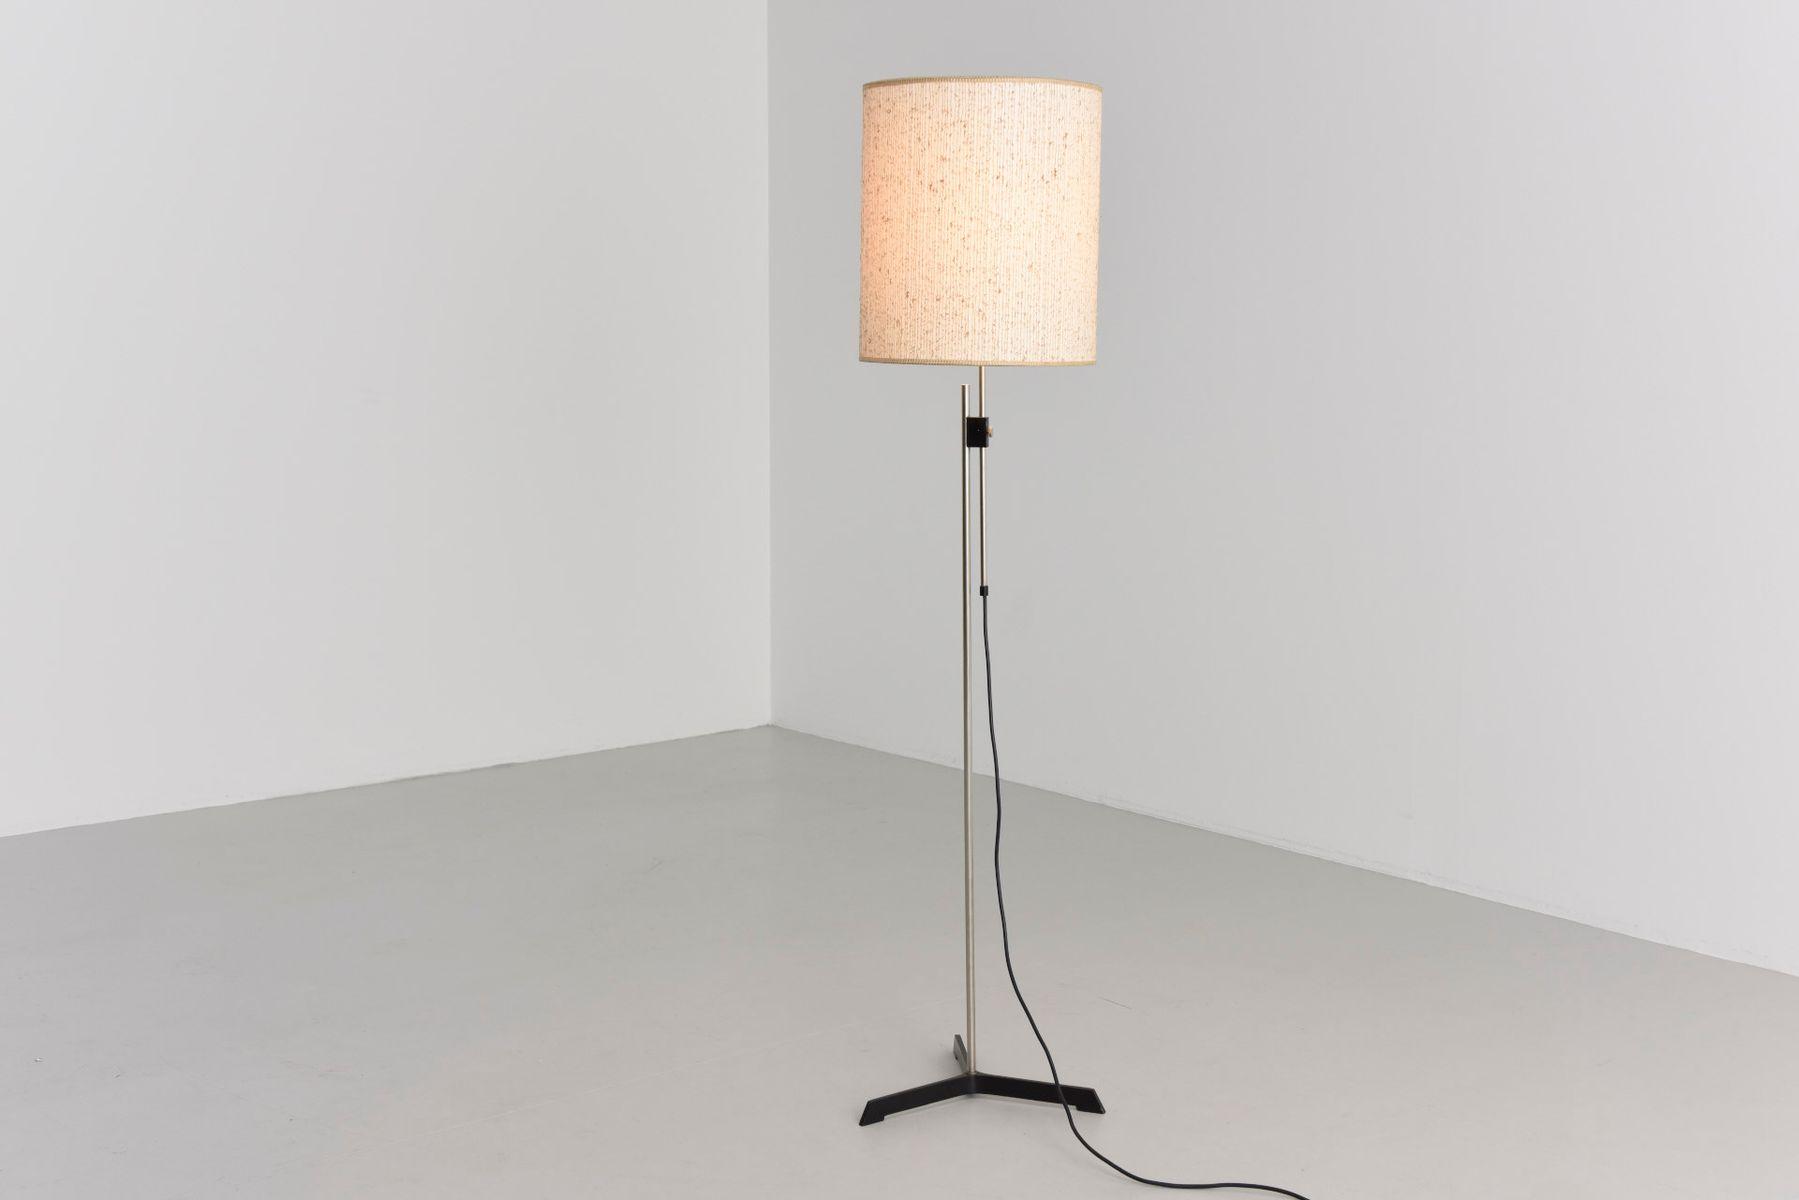 lampadaire ajustable avec abat jour en lin en vente sur pamono. Black Bedroom Furniture Sets. Home Design Ideas